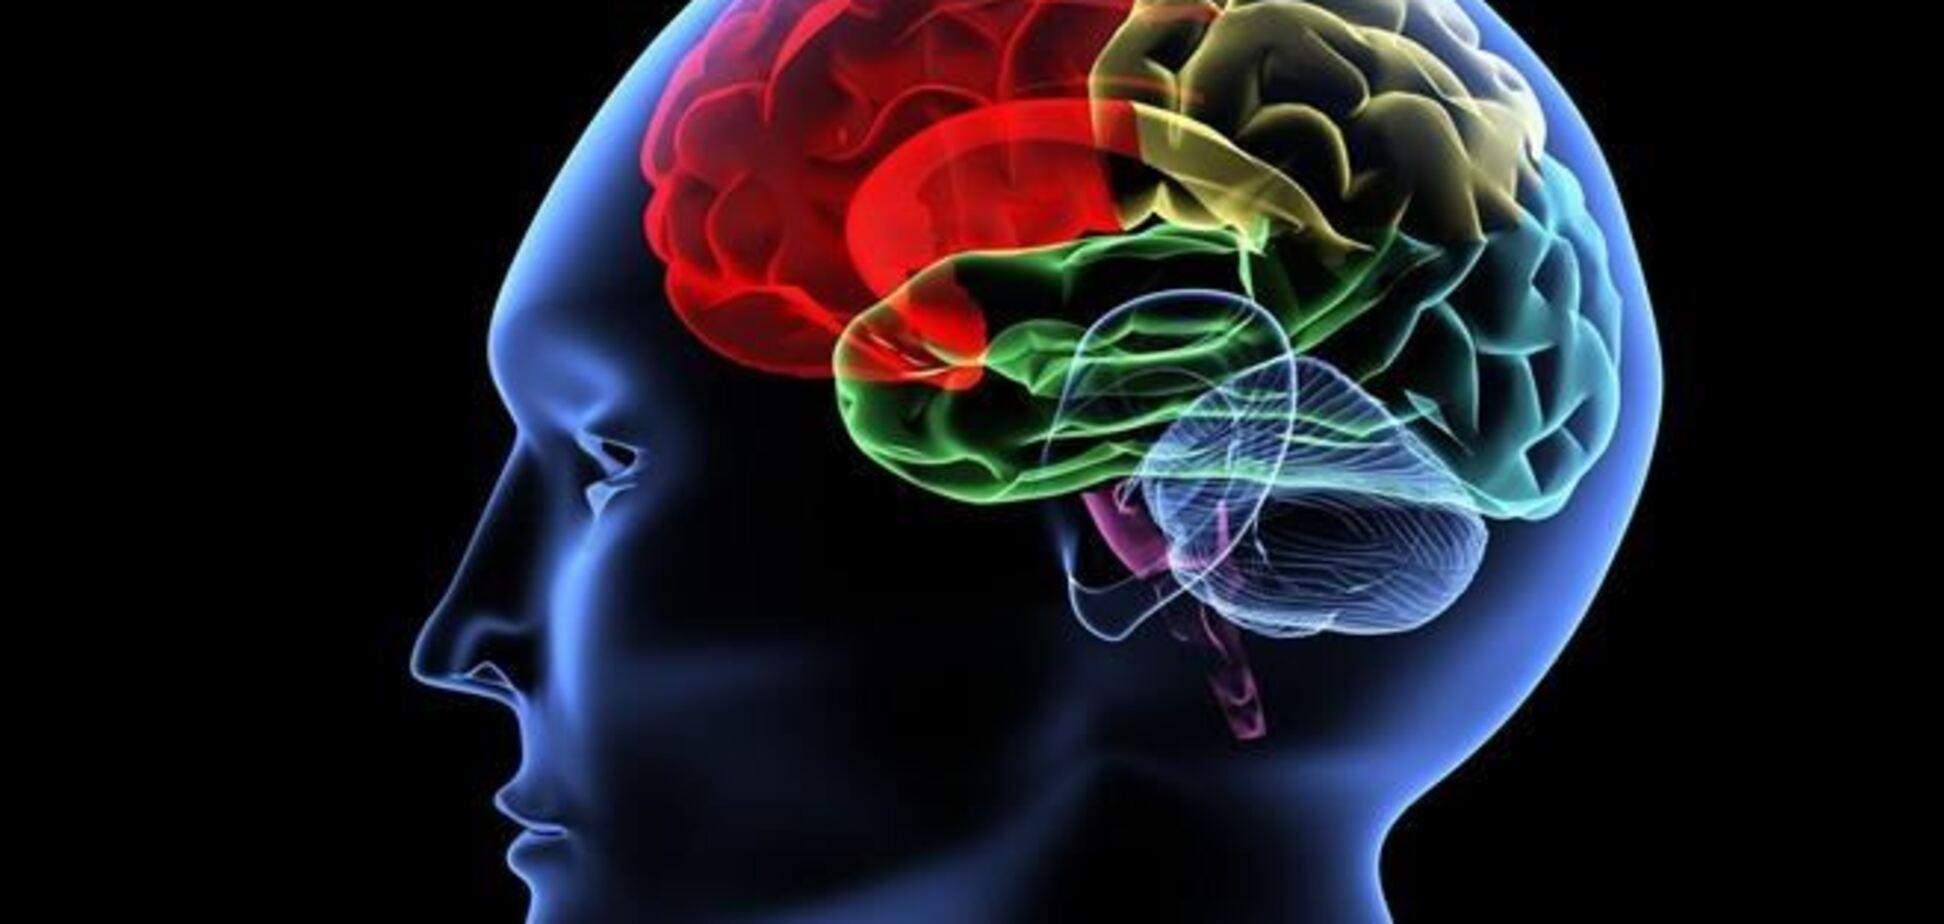 Мозг человека с возрастом может начать ржаветь - ученые